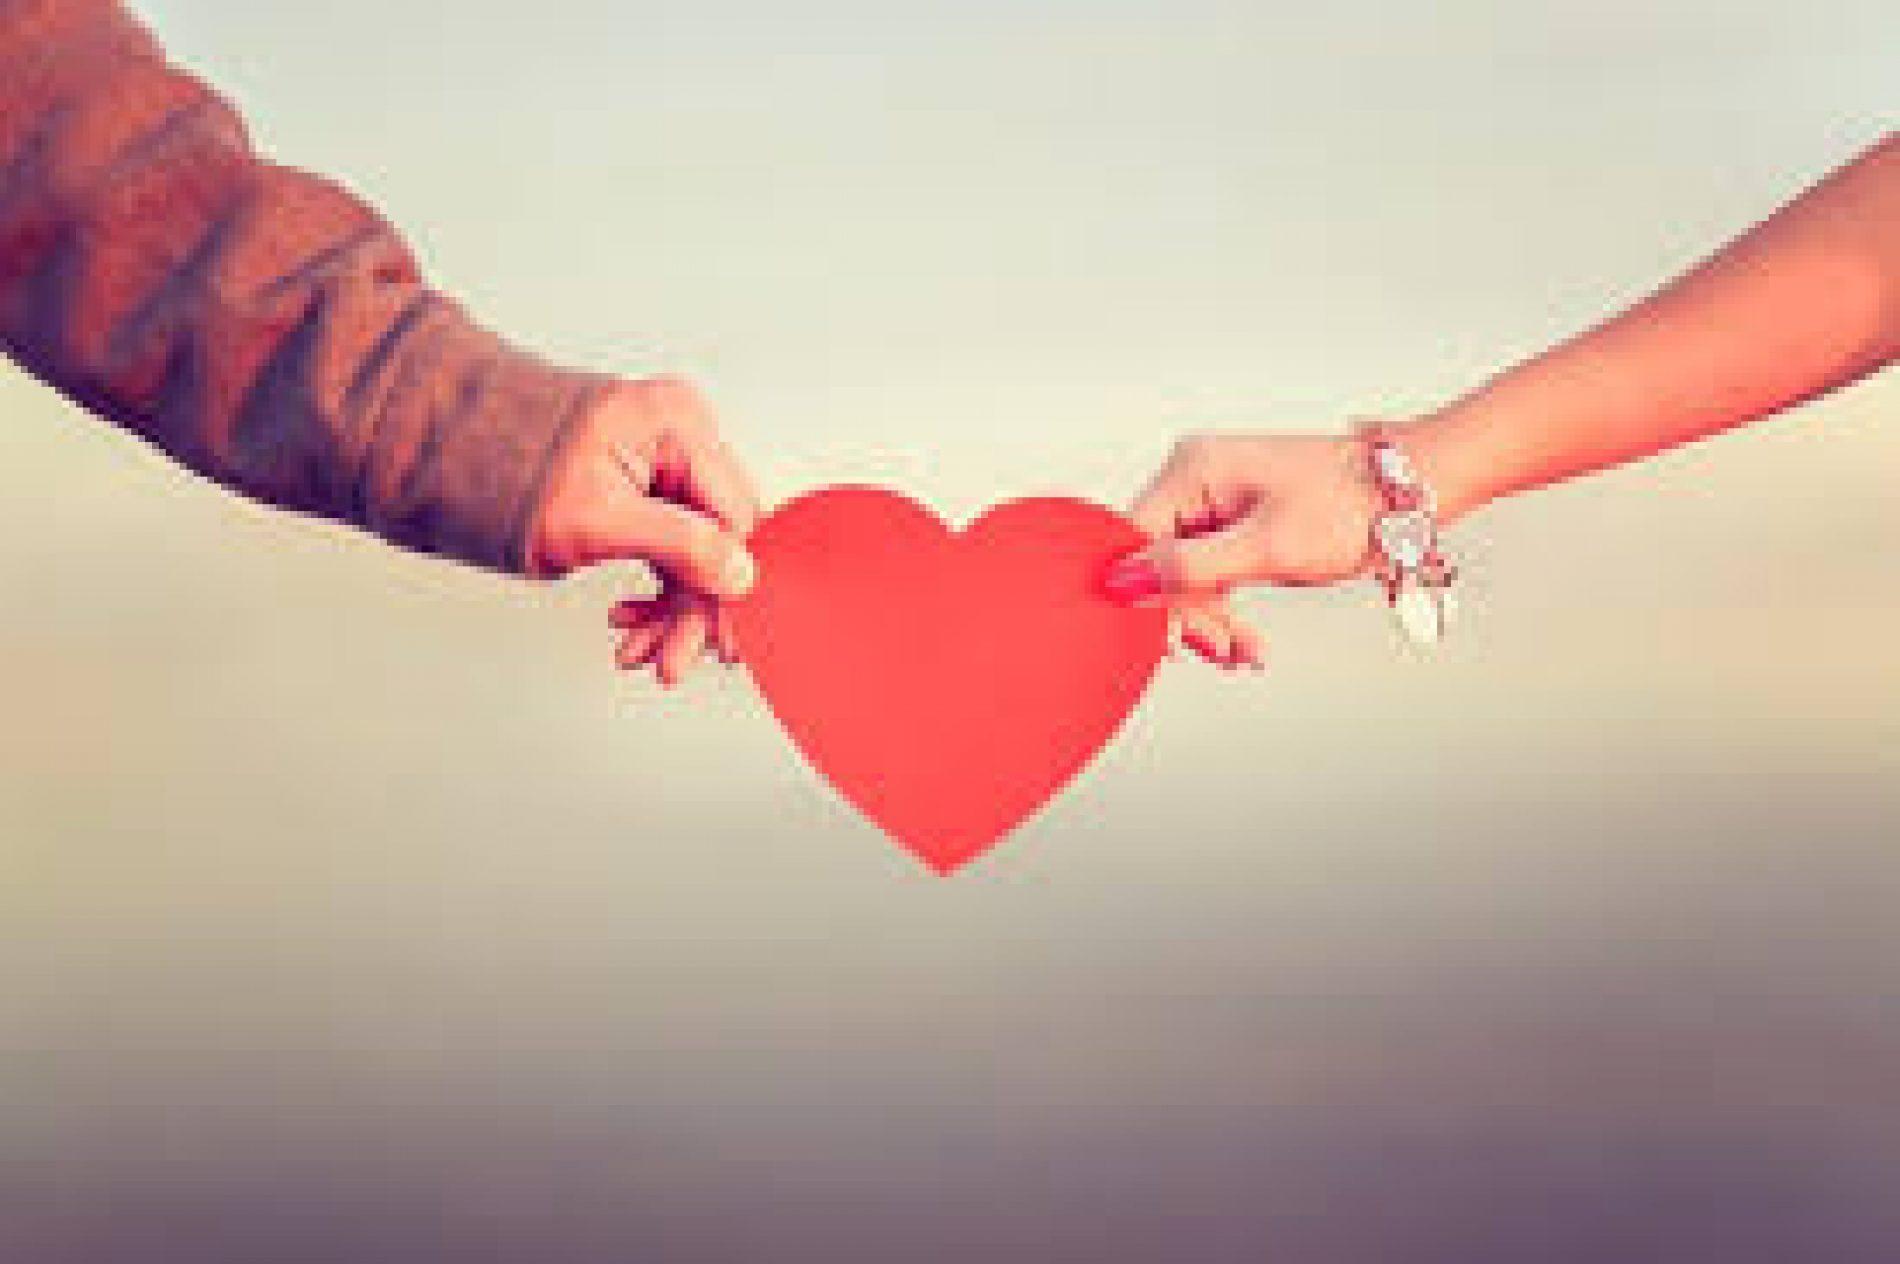 What Makes Love Last (Part 1)